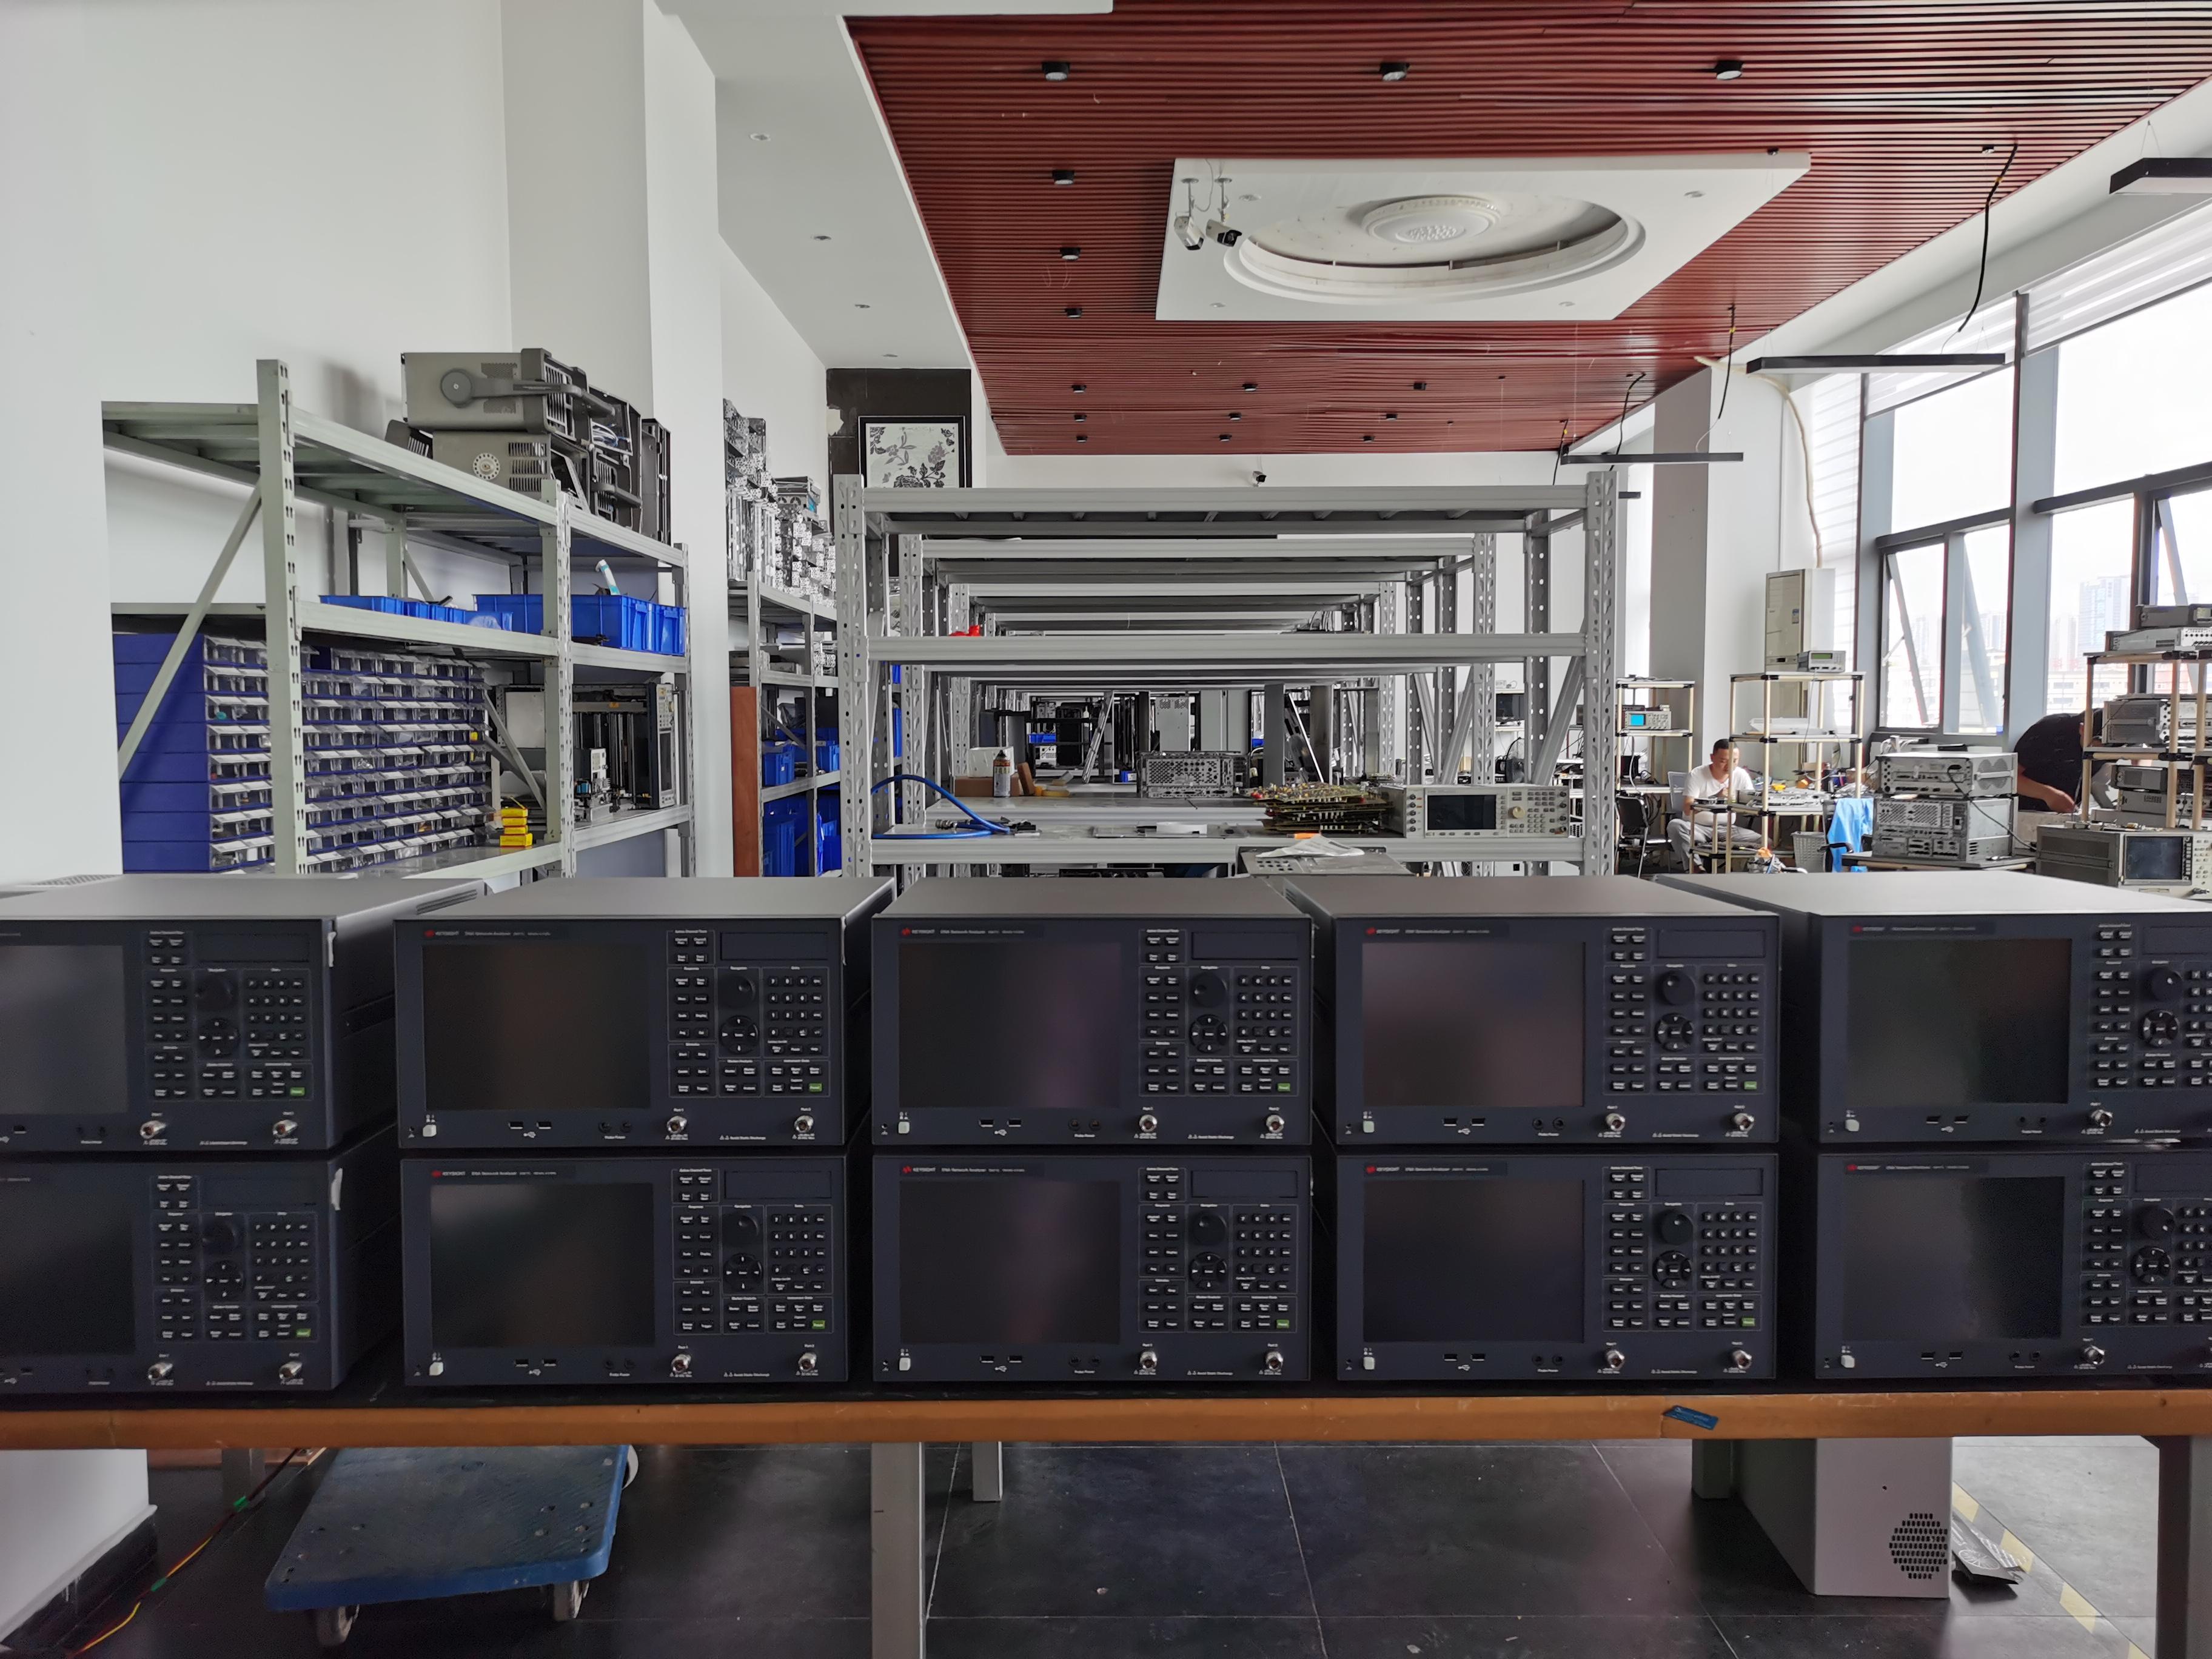 网络分析仪E5071C租赁综合服务